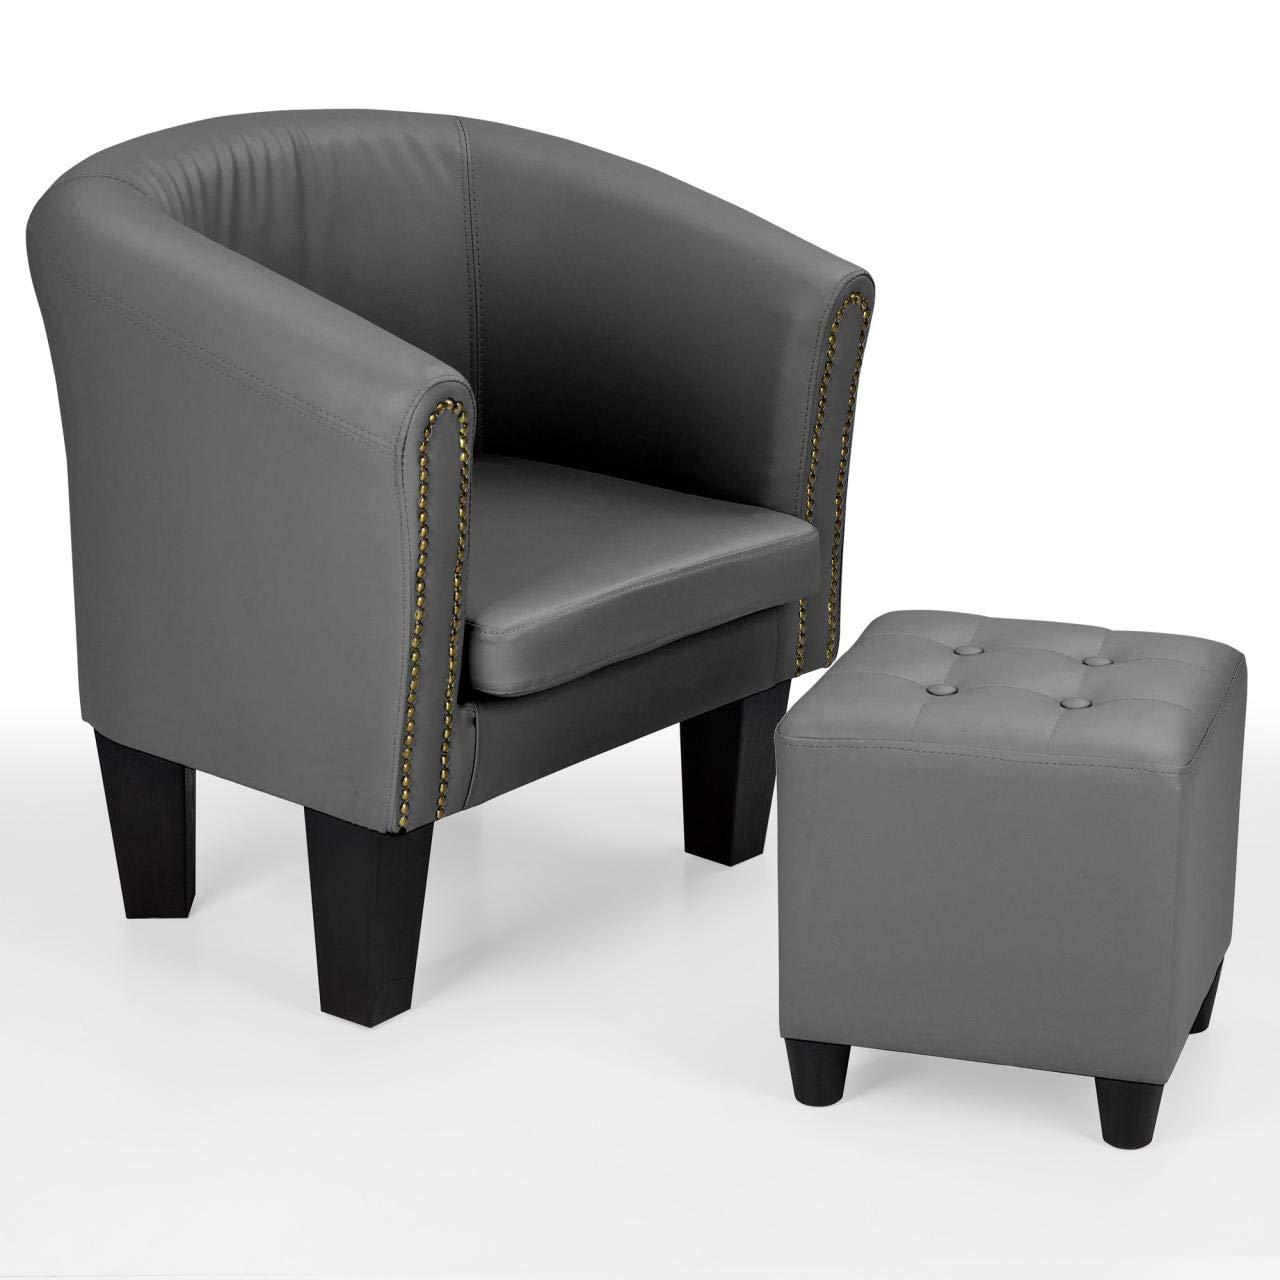 Homelux Sessel mit Fußhocker Chesterfield Club-Lounge-Stuhl Cocktailsessel mit Zier-Nieten (L x B x T) 70 x 69 x 60 cm GRAU